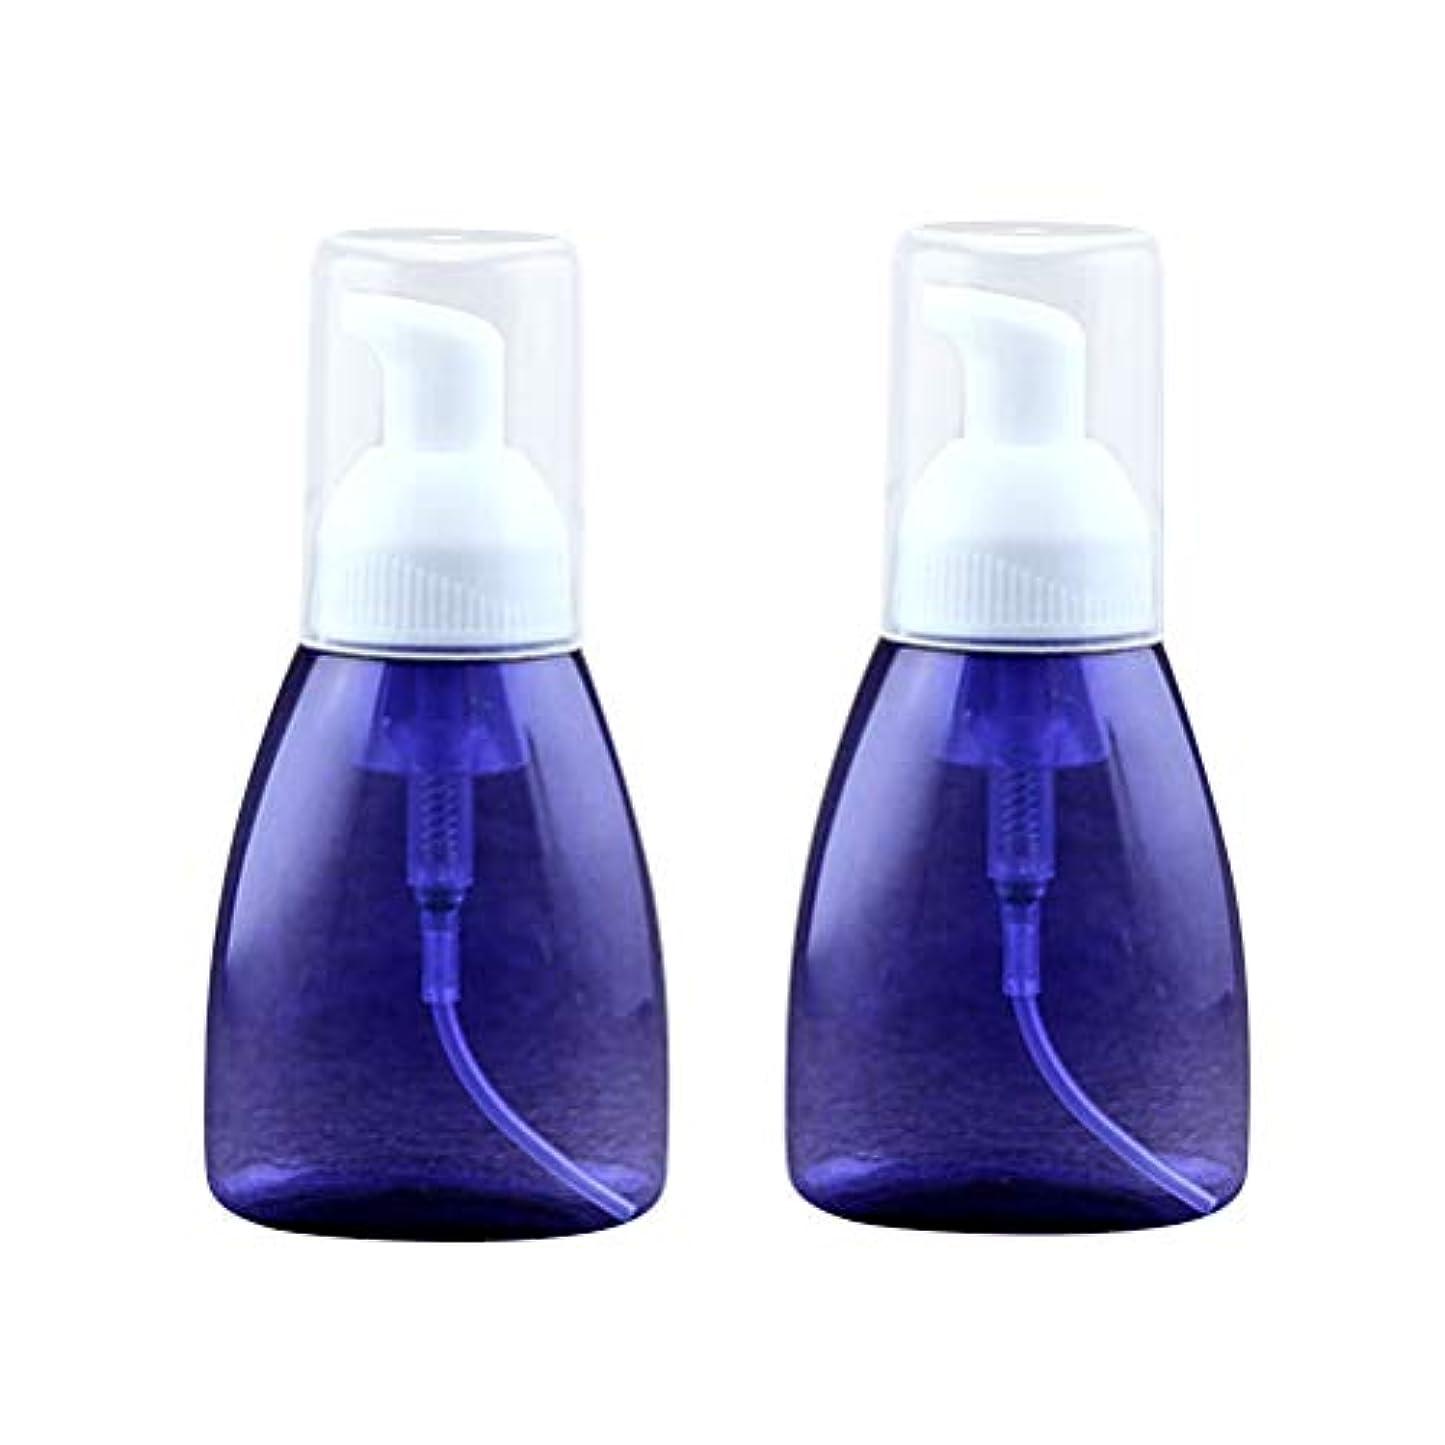 確率下に会うSUPVOX 2本発泡ソープディスペンサー詰め替え式プラスチックローションボトル泡ハンドポンプ空のボトル容器クリアトラベルトイレタリーボトル用液体シャンプー80ml(ブルー)